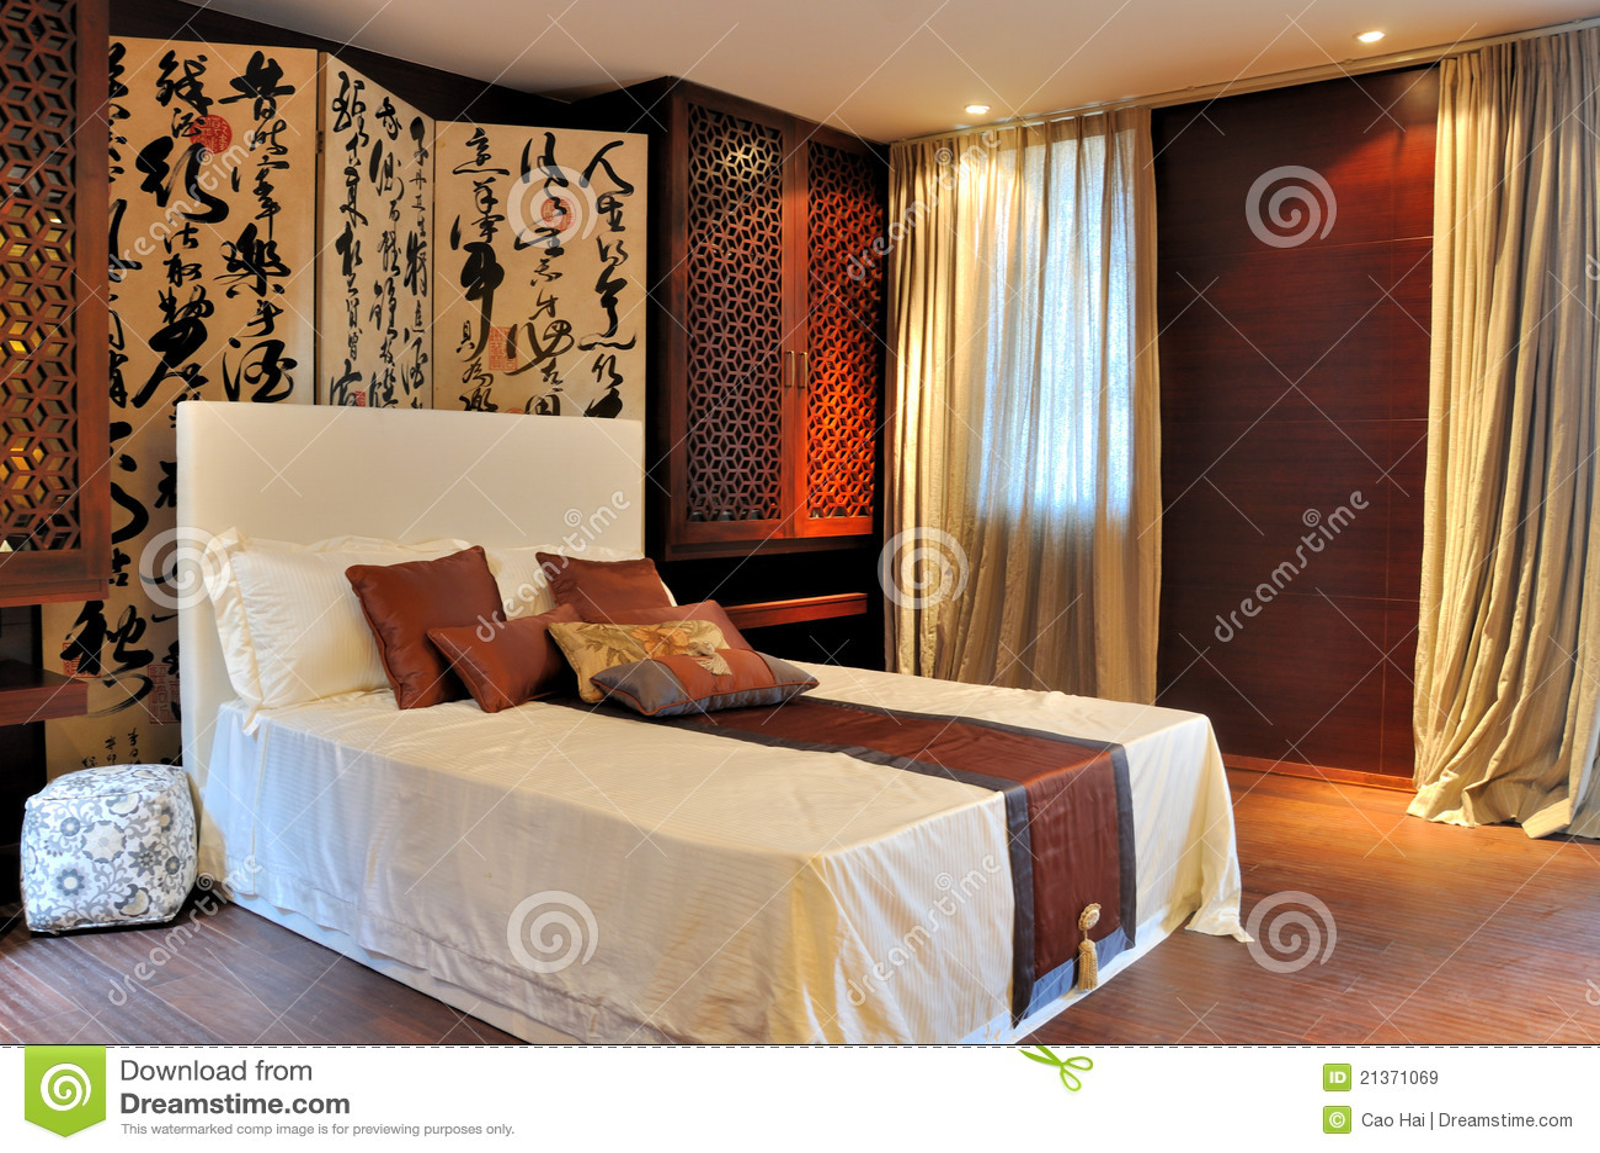 decoracao de interiores estilo oriental : decoracao de interiores estilo oriental:Quarto Decorado No Estilo Luxuoso Oriental Imagens de Stock Royalty